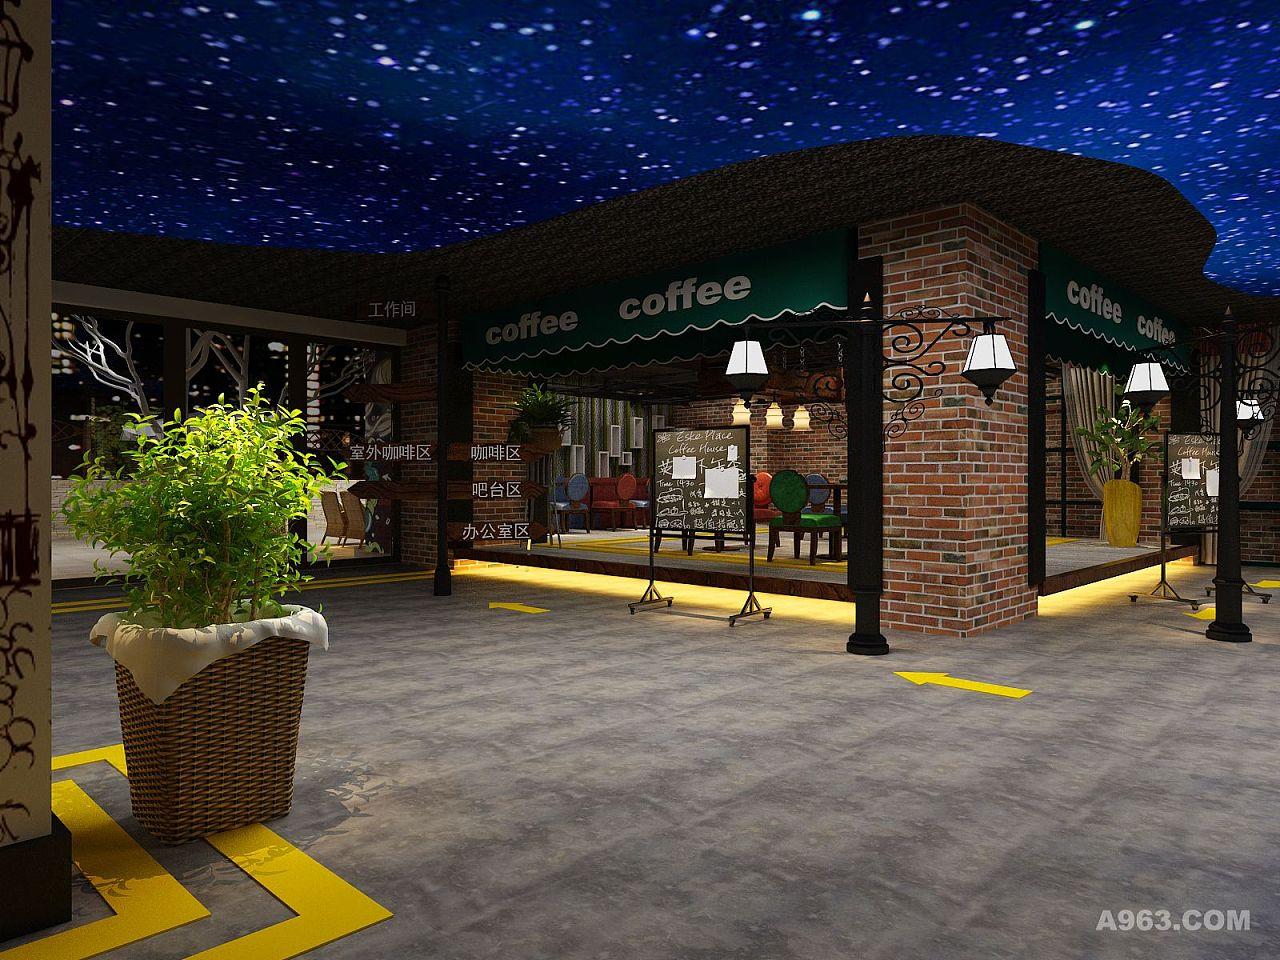 星空咖啡厅设计图v星空-自贡咖啡厅装修 自贡专word绘制表格边线加粗图片